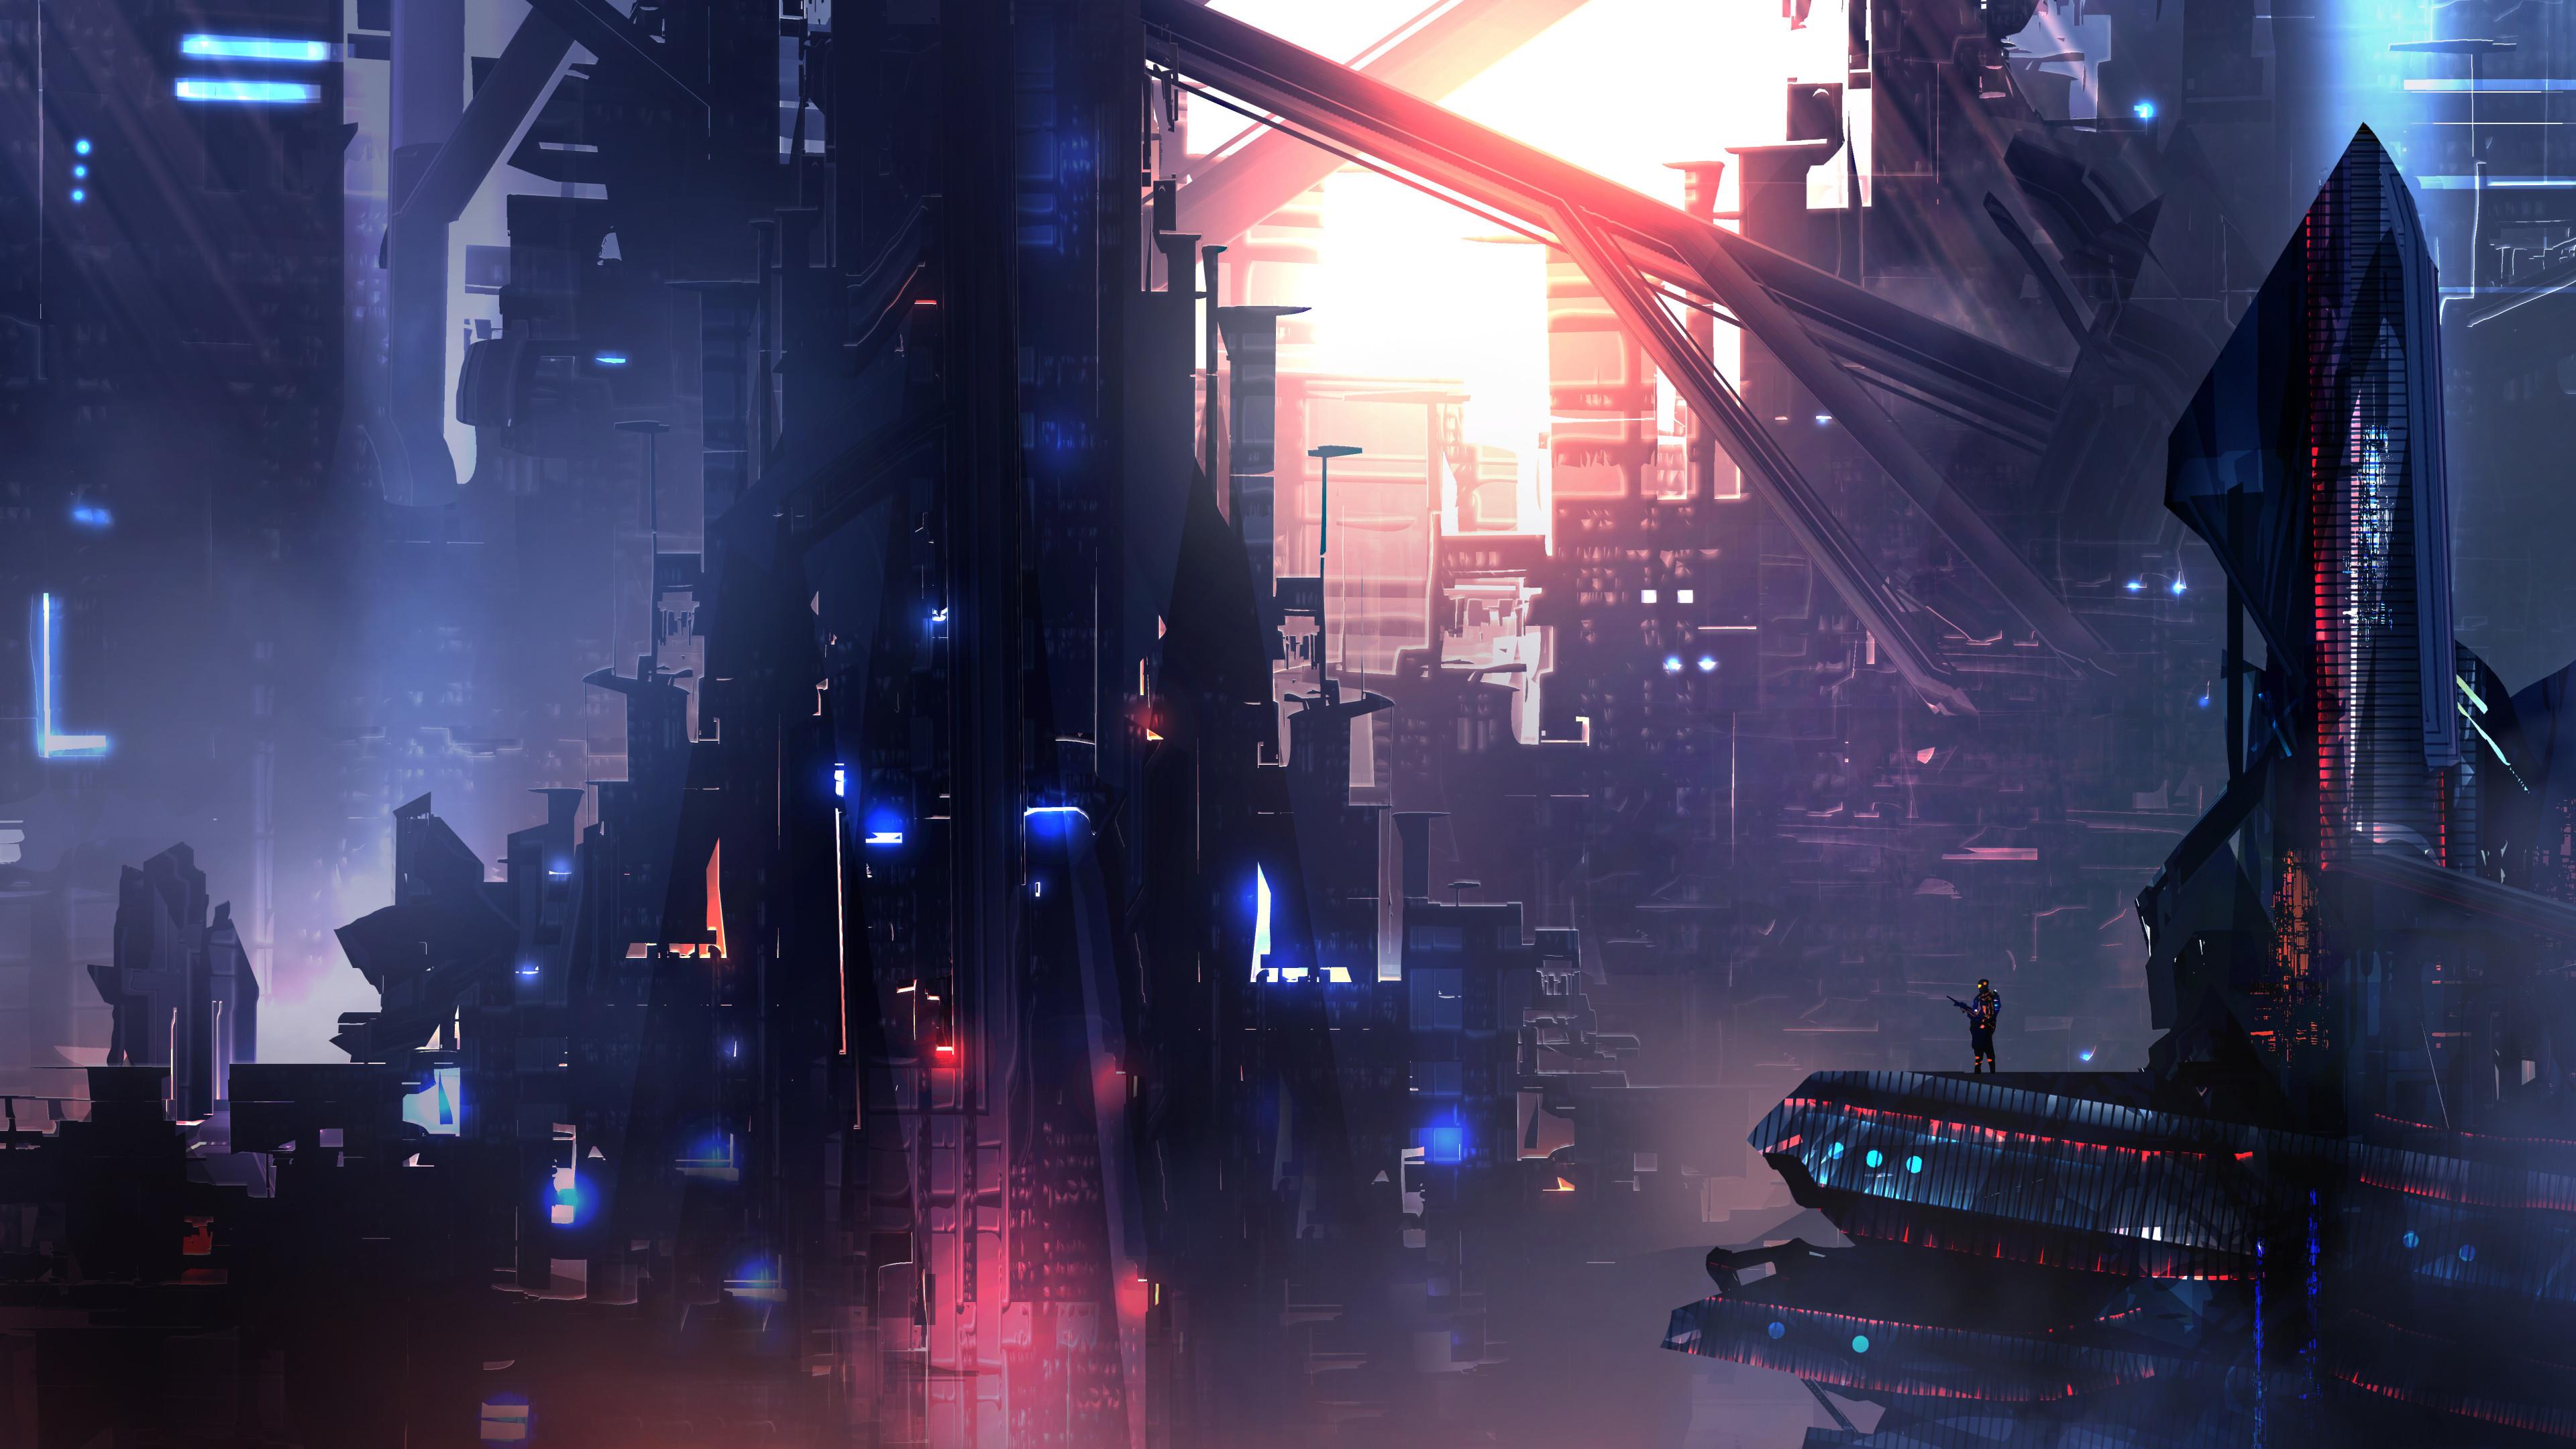 4k Sci-fi Wallpaper Dump